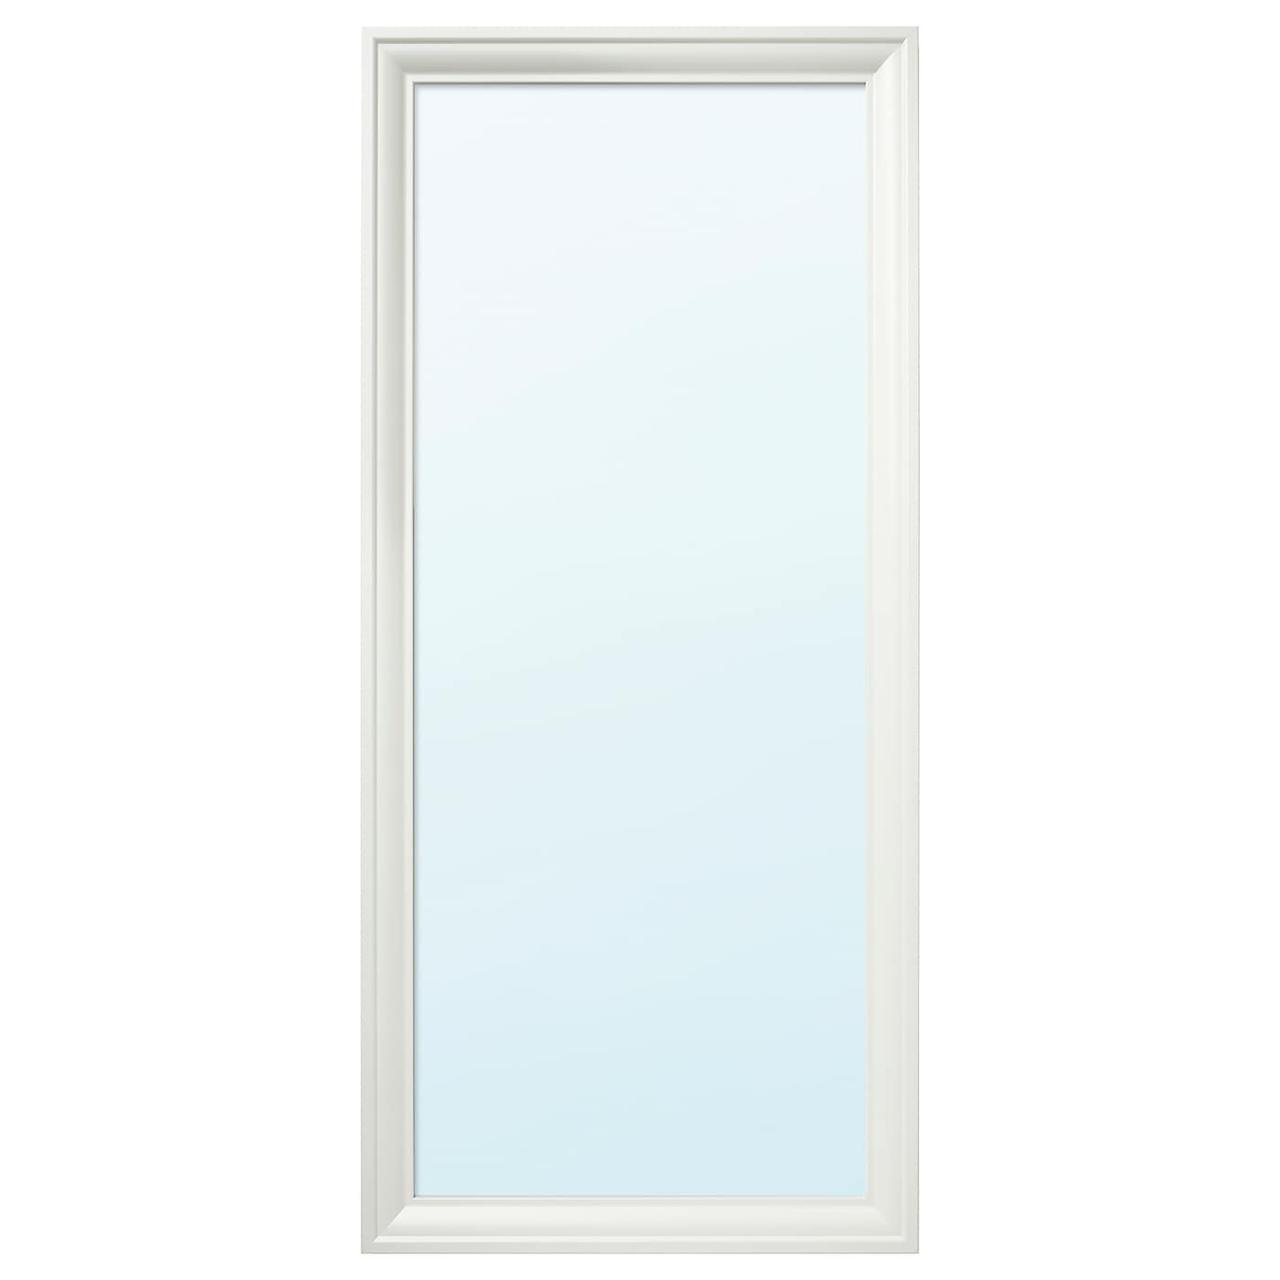 IKEA TOFTBYN  Зеркало, белое (504.591.47)